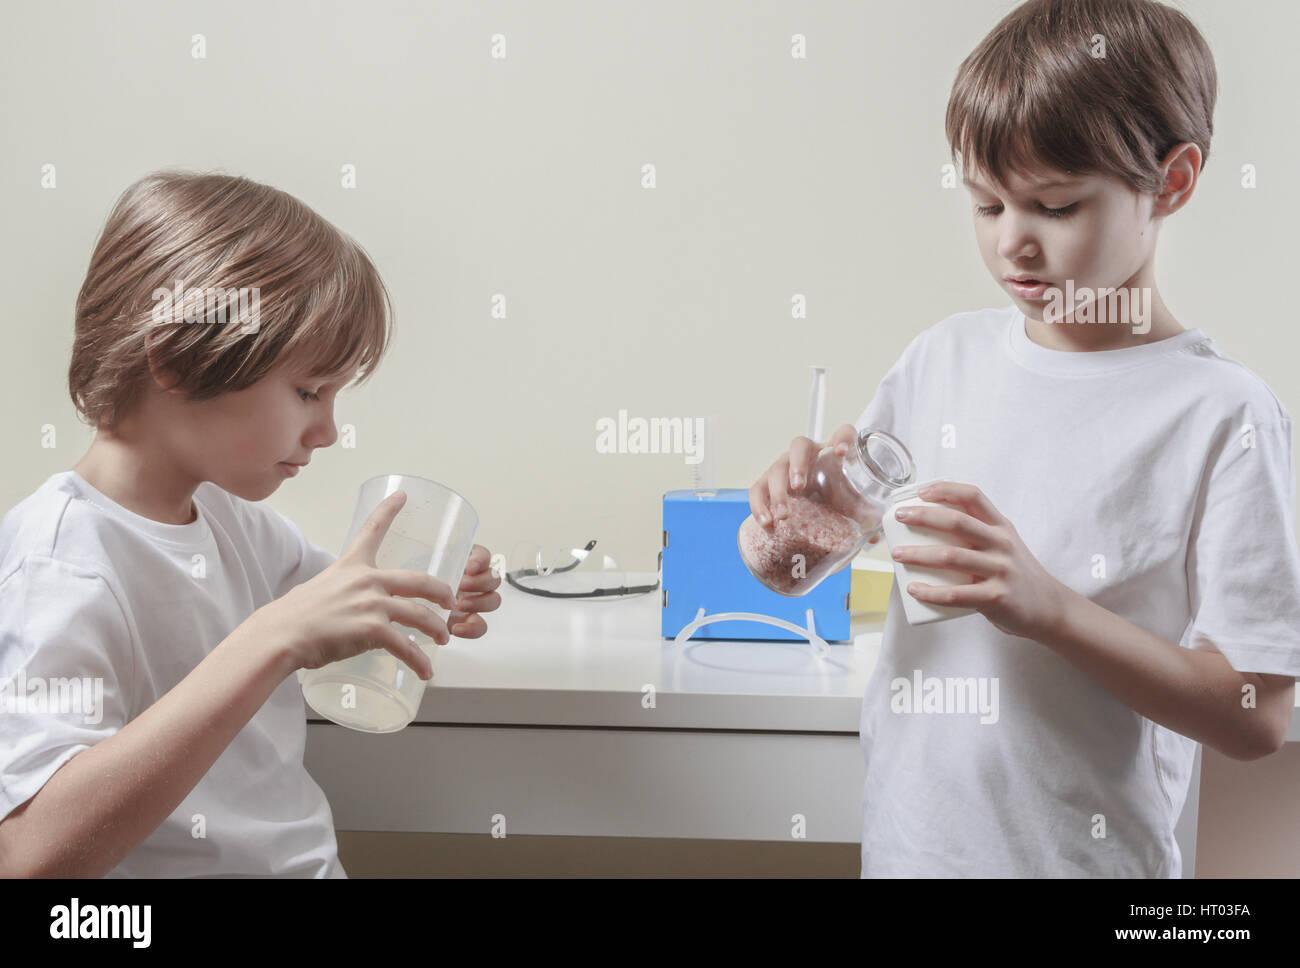 Jungen wissenschaftliche Experimente zu tun. Bildungskonzept. Stockbild